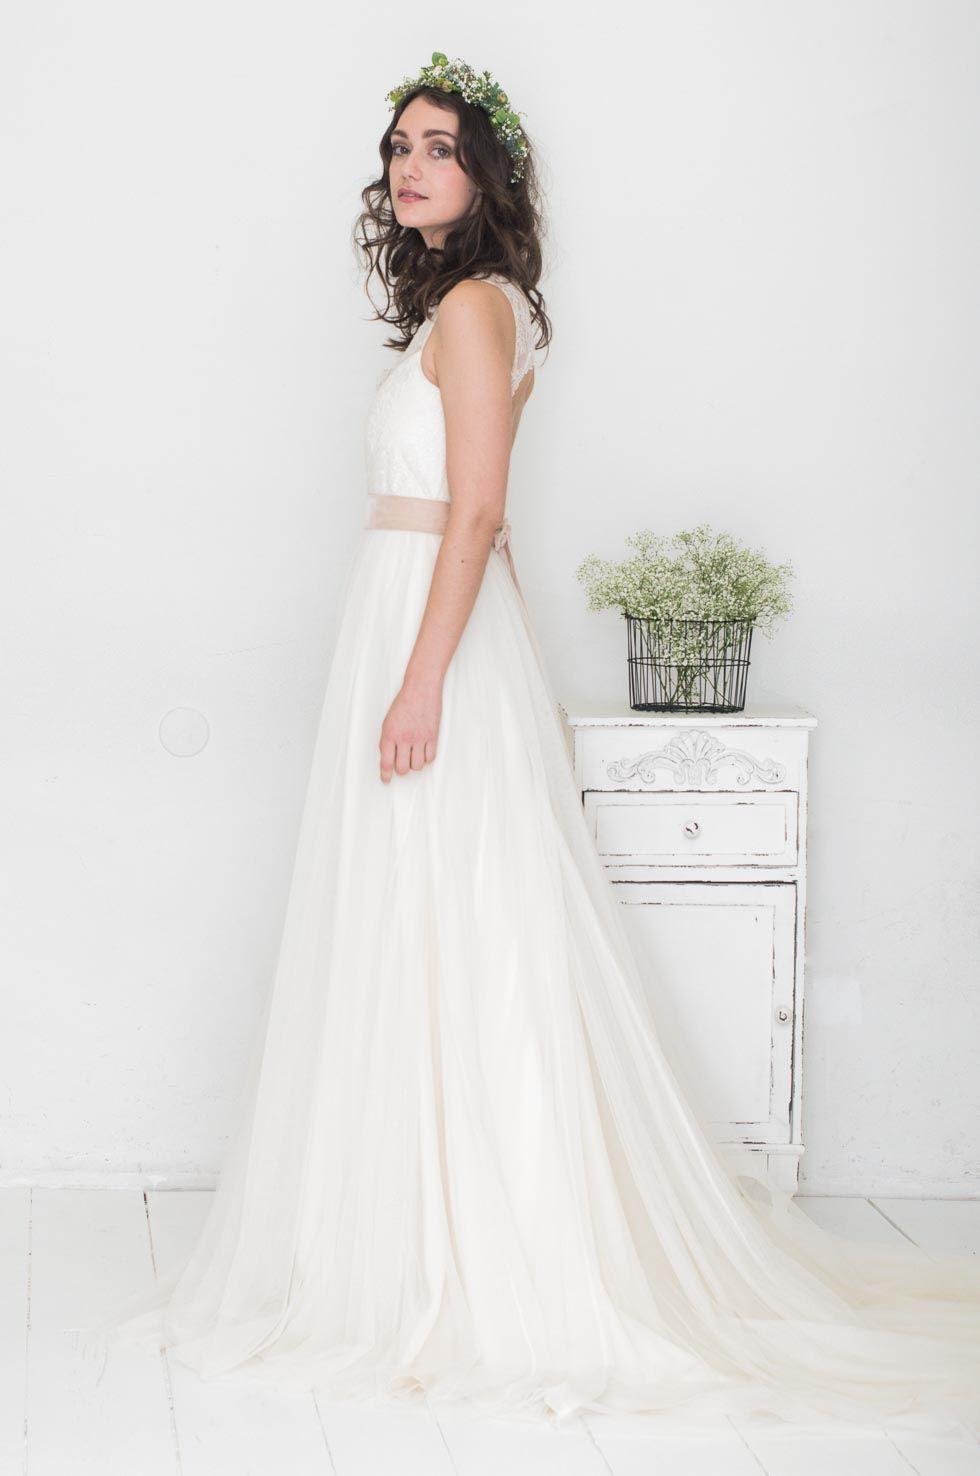 elfenkleid   Hochzeitskleid, Kleid hochzeit und Brautkleid